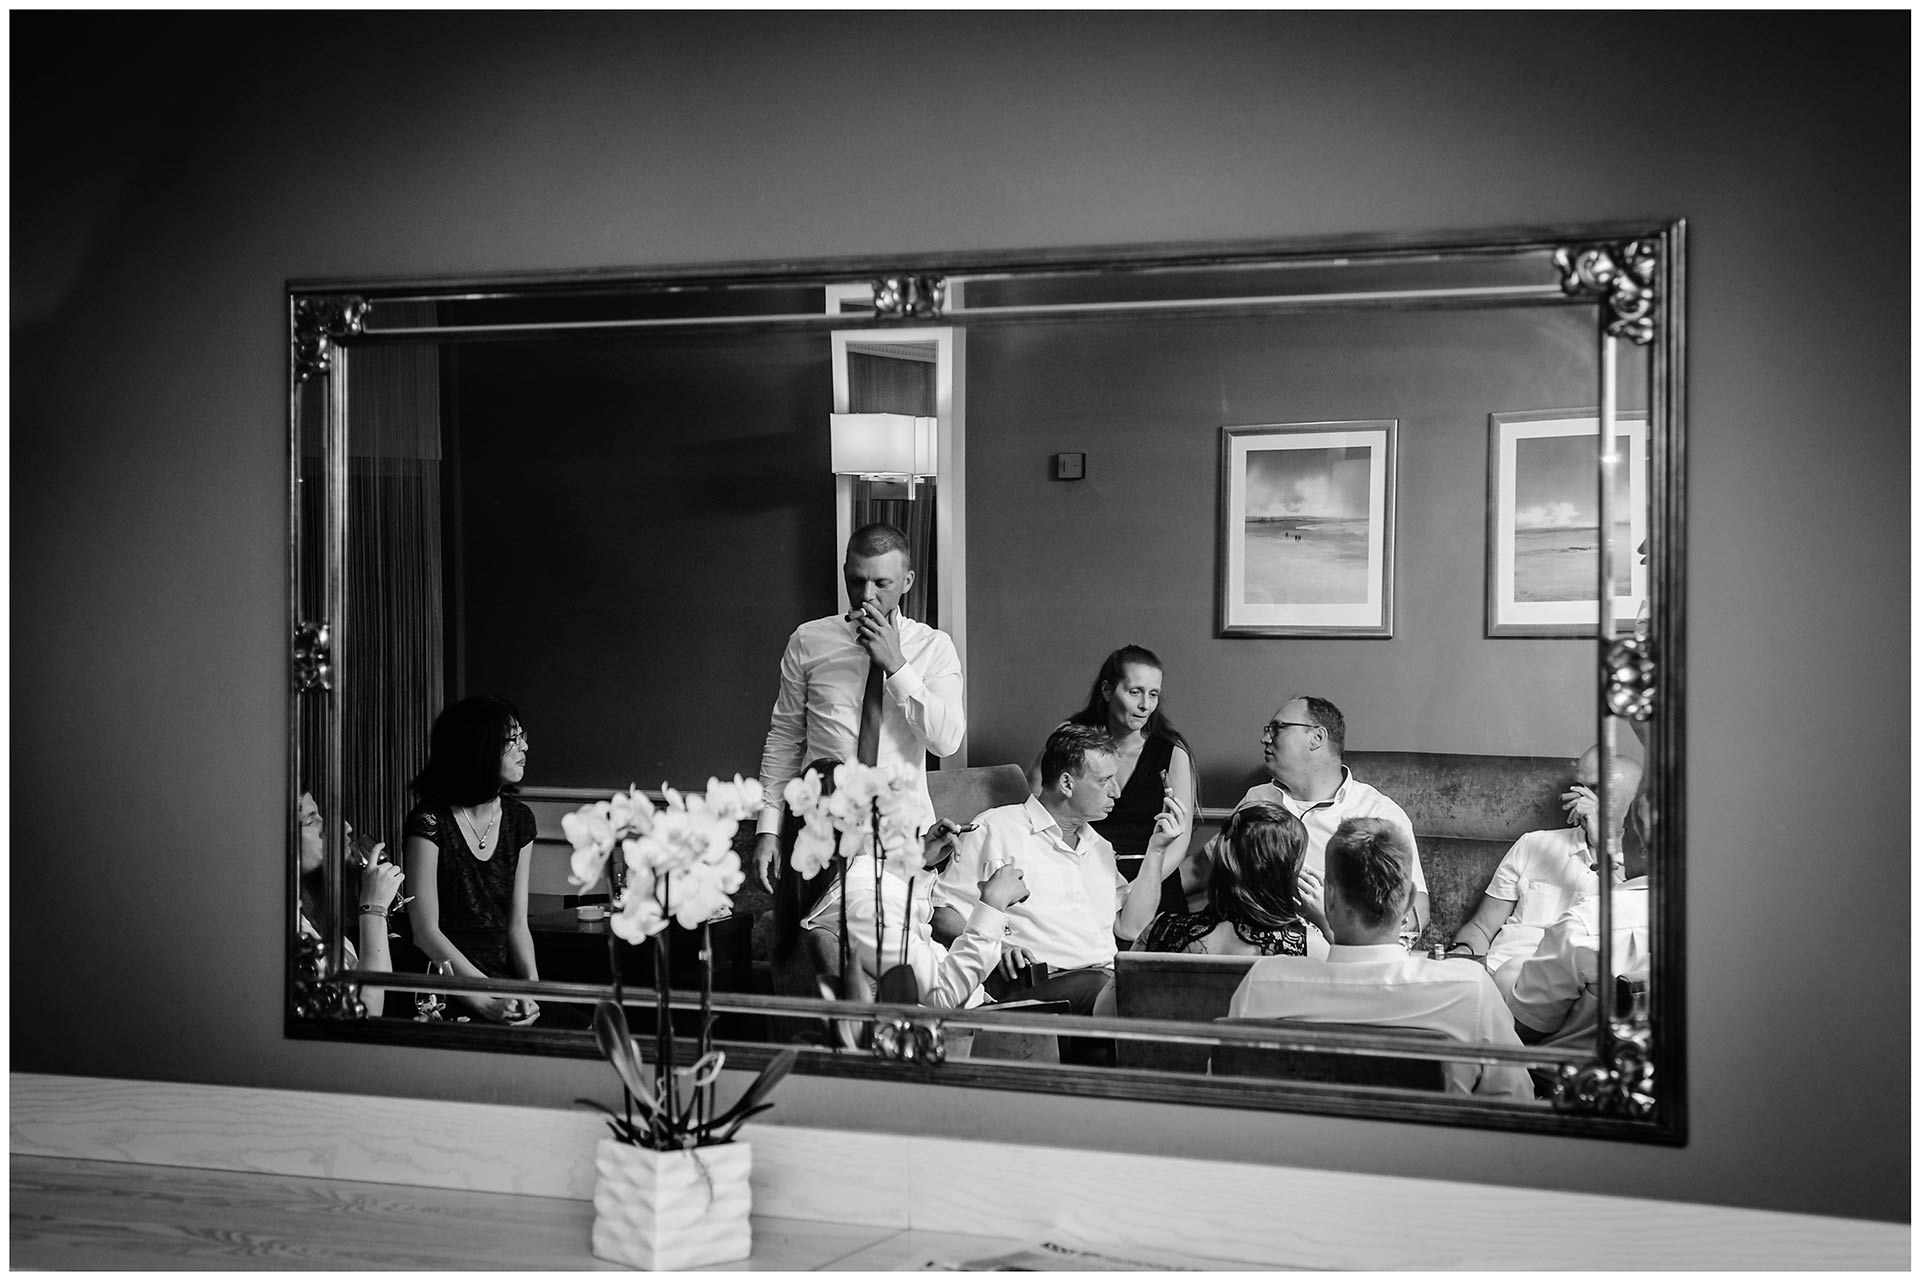 Gäste-der-Hochzeit-sind-in-einem-Spiegel-zu-sehen-und-rauchen-Zigarre-Hochzeit-im-Hotel-Neptun-Hochzeitsfotograf-Warnemuende-Hochzeitsfotograf-Rostock-Hochzeitsfotograf-Ostseebad-Warnemuende